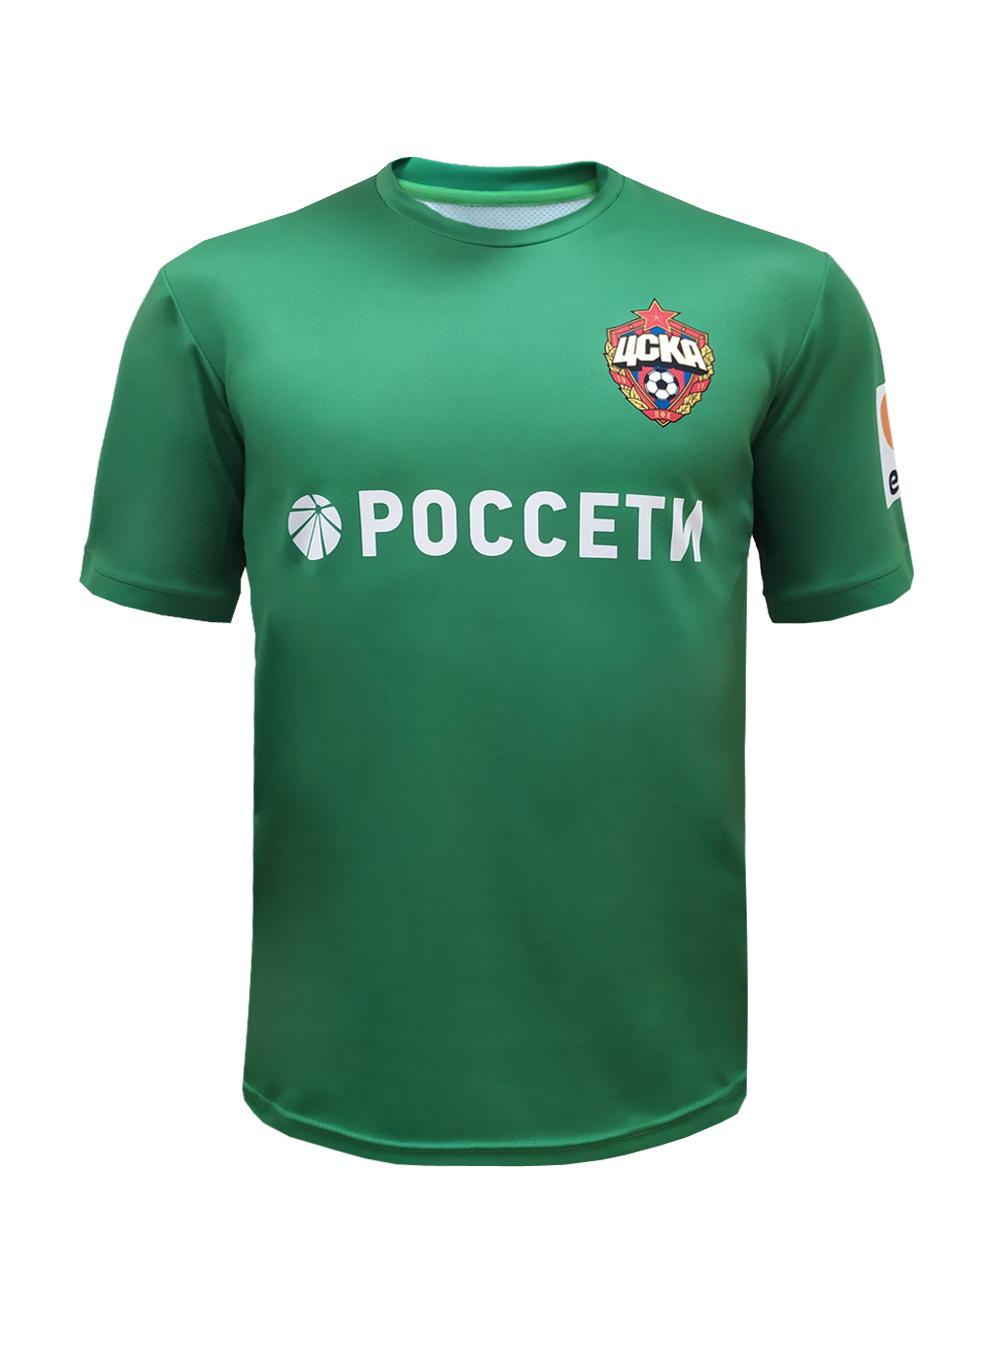 Свитер вратарский реплика 2019/2020, цвет зелёный (L) фото